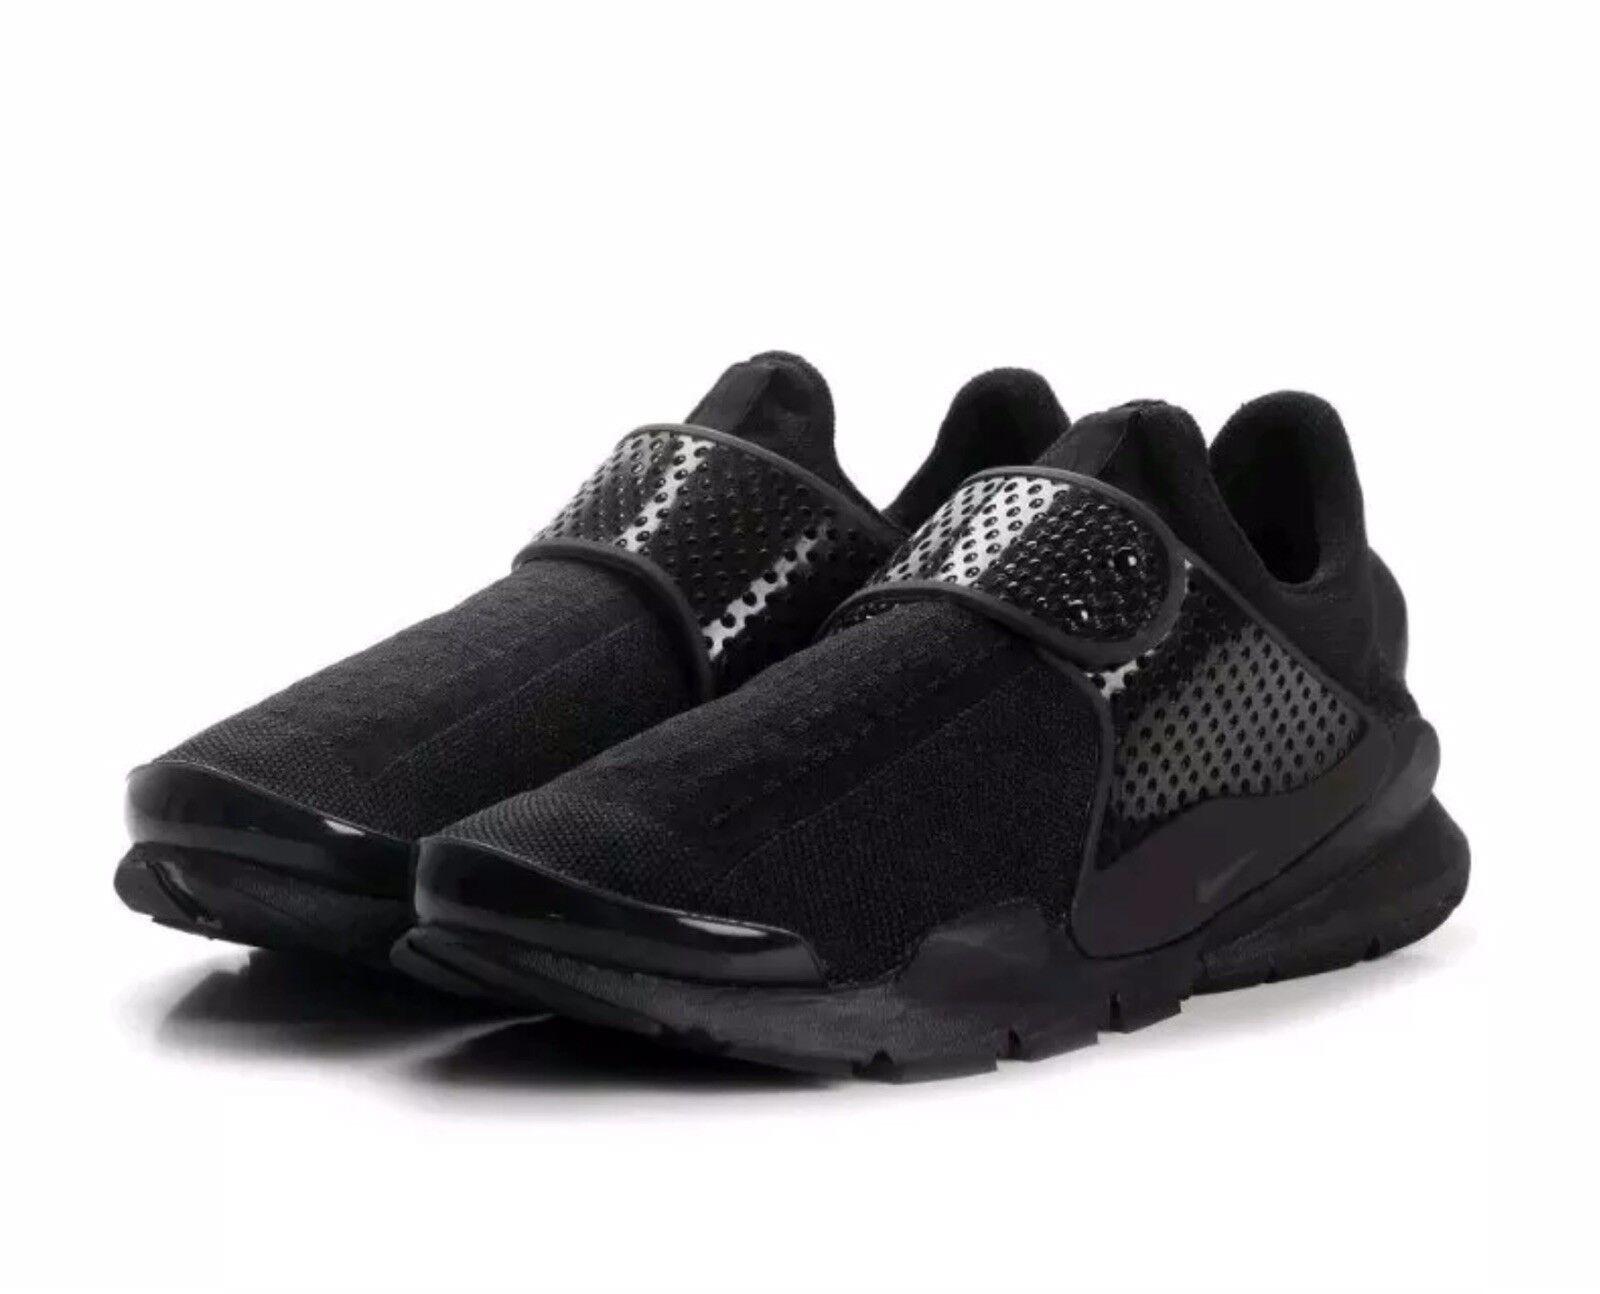 Nike Sock Dart KJCRD Da Uomo Corsa Scarpe Da Ginnastica. NUOVO. misura 10 Regno Unito. NUOVO. Ginnastica. 819686 001. Nero bea719